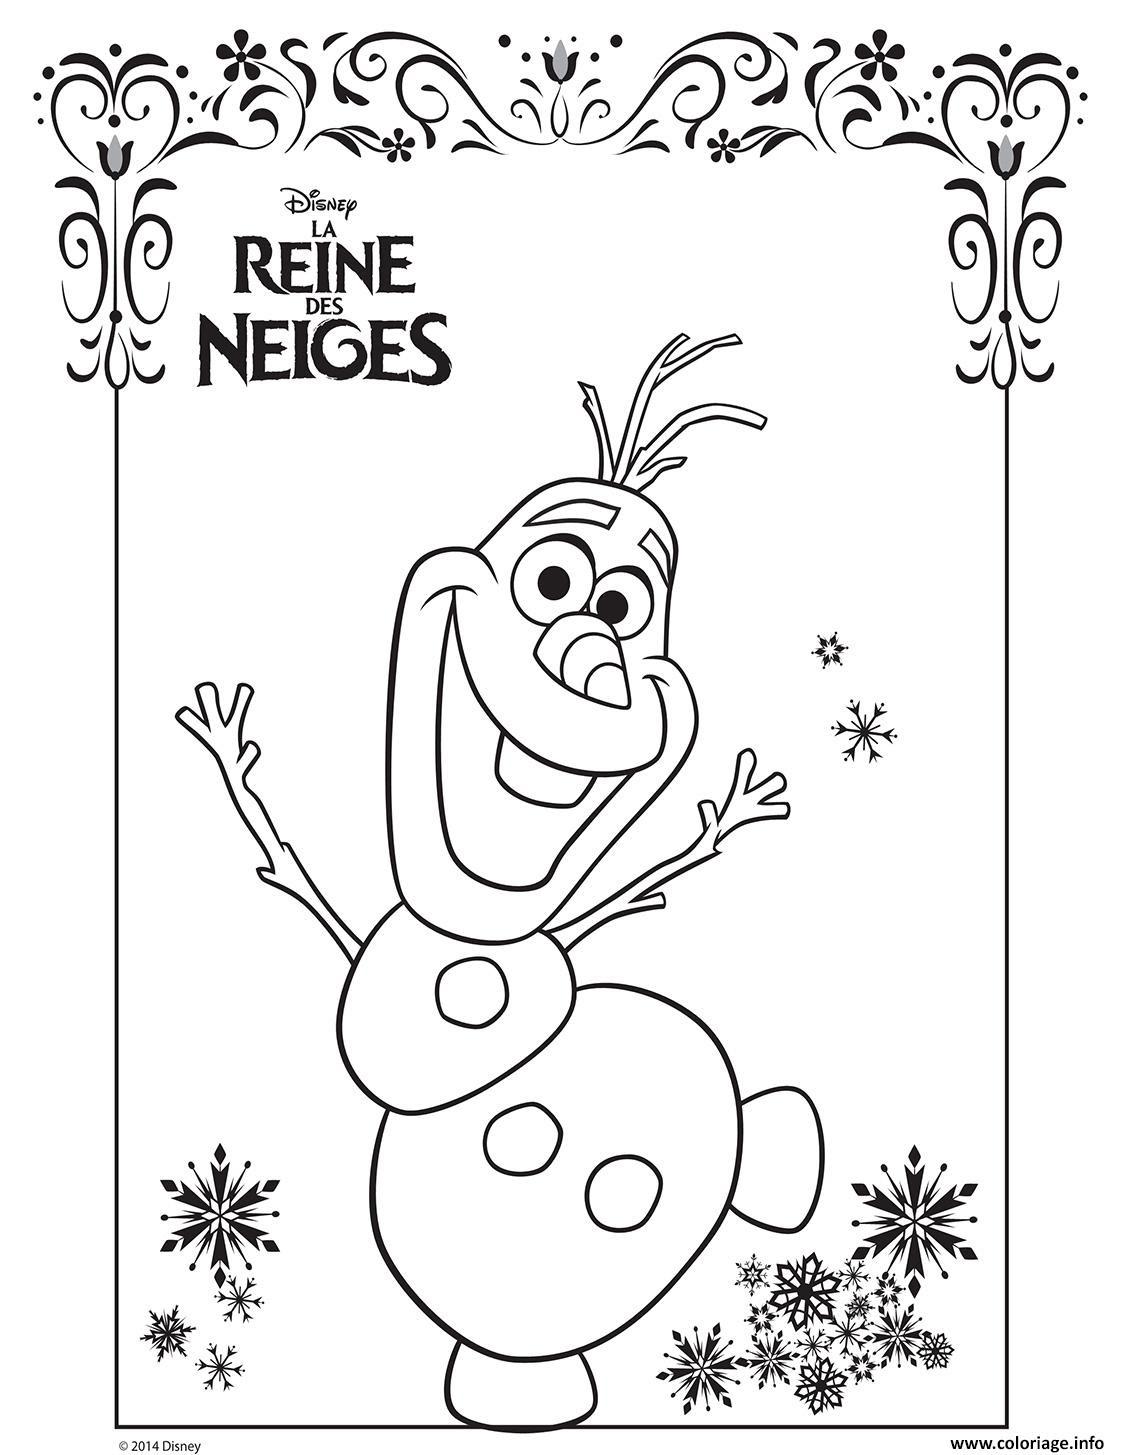 Coloriage Olaf La Reine Des Neiges Disney Frozen Jecoloriecom